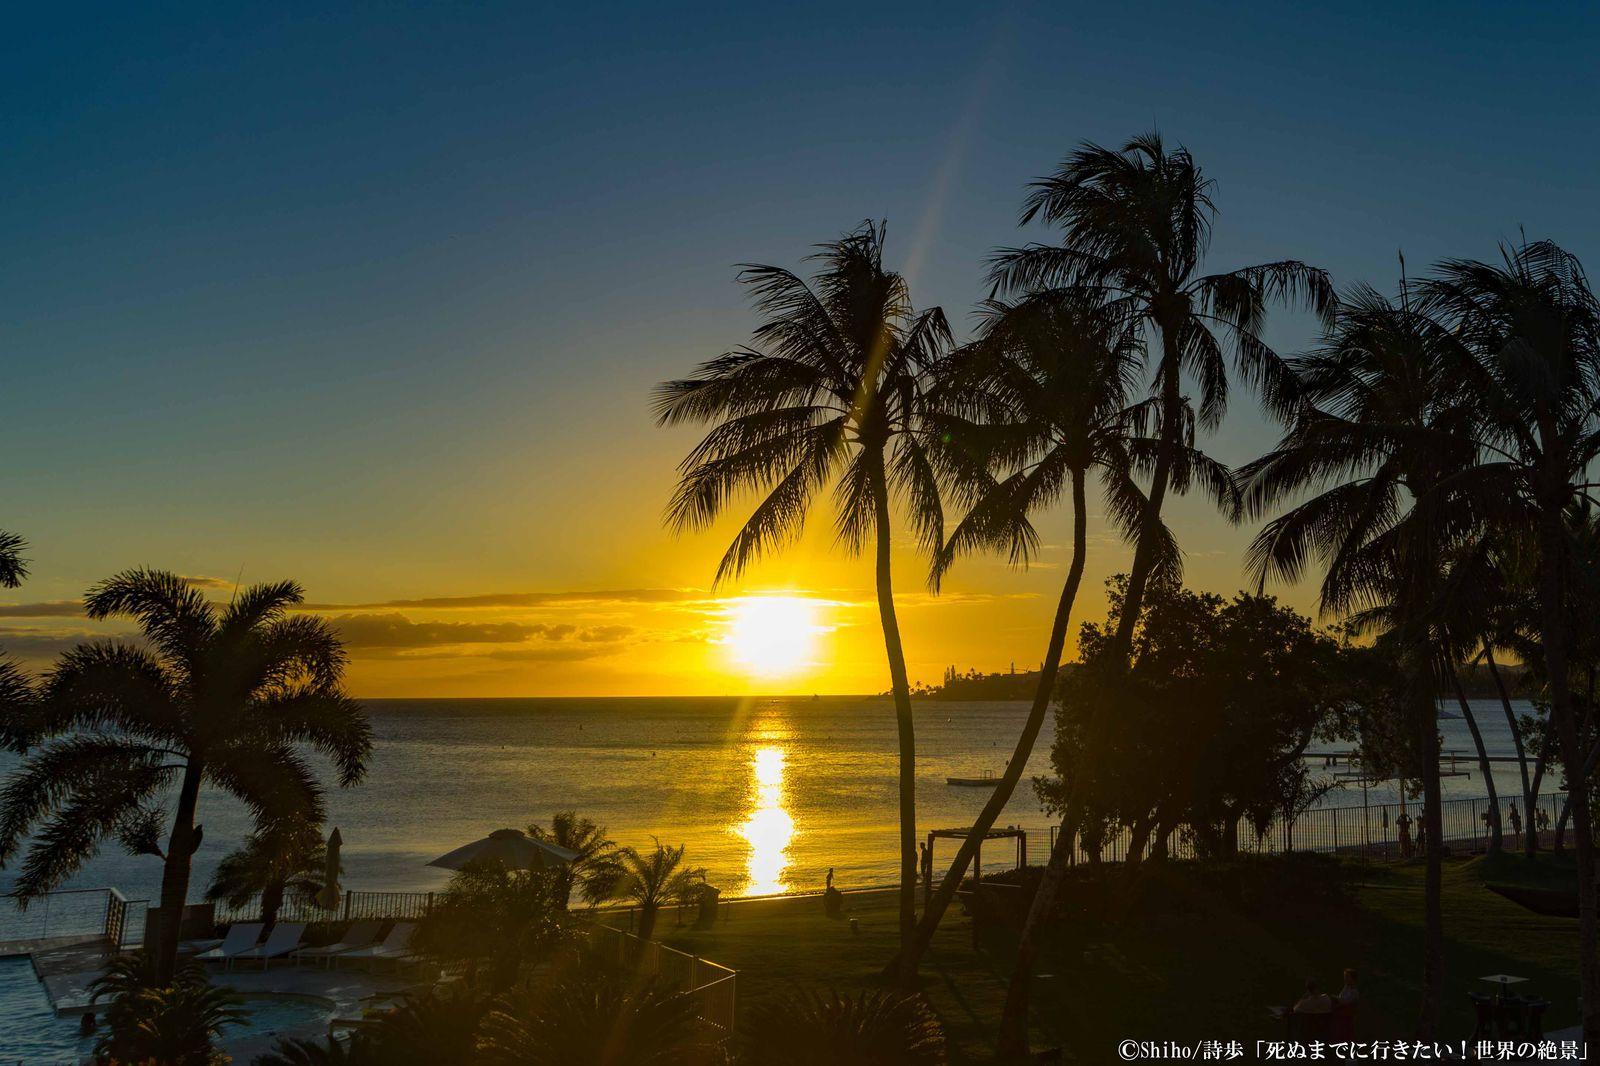 いかがでしたか?「死ぬまでに行きたい!世界の絶景」プロデューサーの詩歩さんが実際に行ったおすすめのフォトスポット10選をご紹介しました。詩歩さんはニューカレドニアで毎日こんな美しい夕日が見れたのも素敵な思い出だったとのこと。また、ニューカレドニアは、新たに観光スポットを作るのではなく、ありのままの姿で、観光客にも楽しんでほしいという雰囲気も魅力的だったと話されていました。こんな素敵な場所は1度行ってみたいですよね。今なら、ニューカレドニアで「どんな夢を叶えたいか」を応募すると、ニューカレドニアの体験ツアーに参加できるキャンペーン実施中。こんな絶景を見に行きたい、というあなたの夢を叶えるために応募してみましょう!